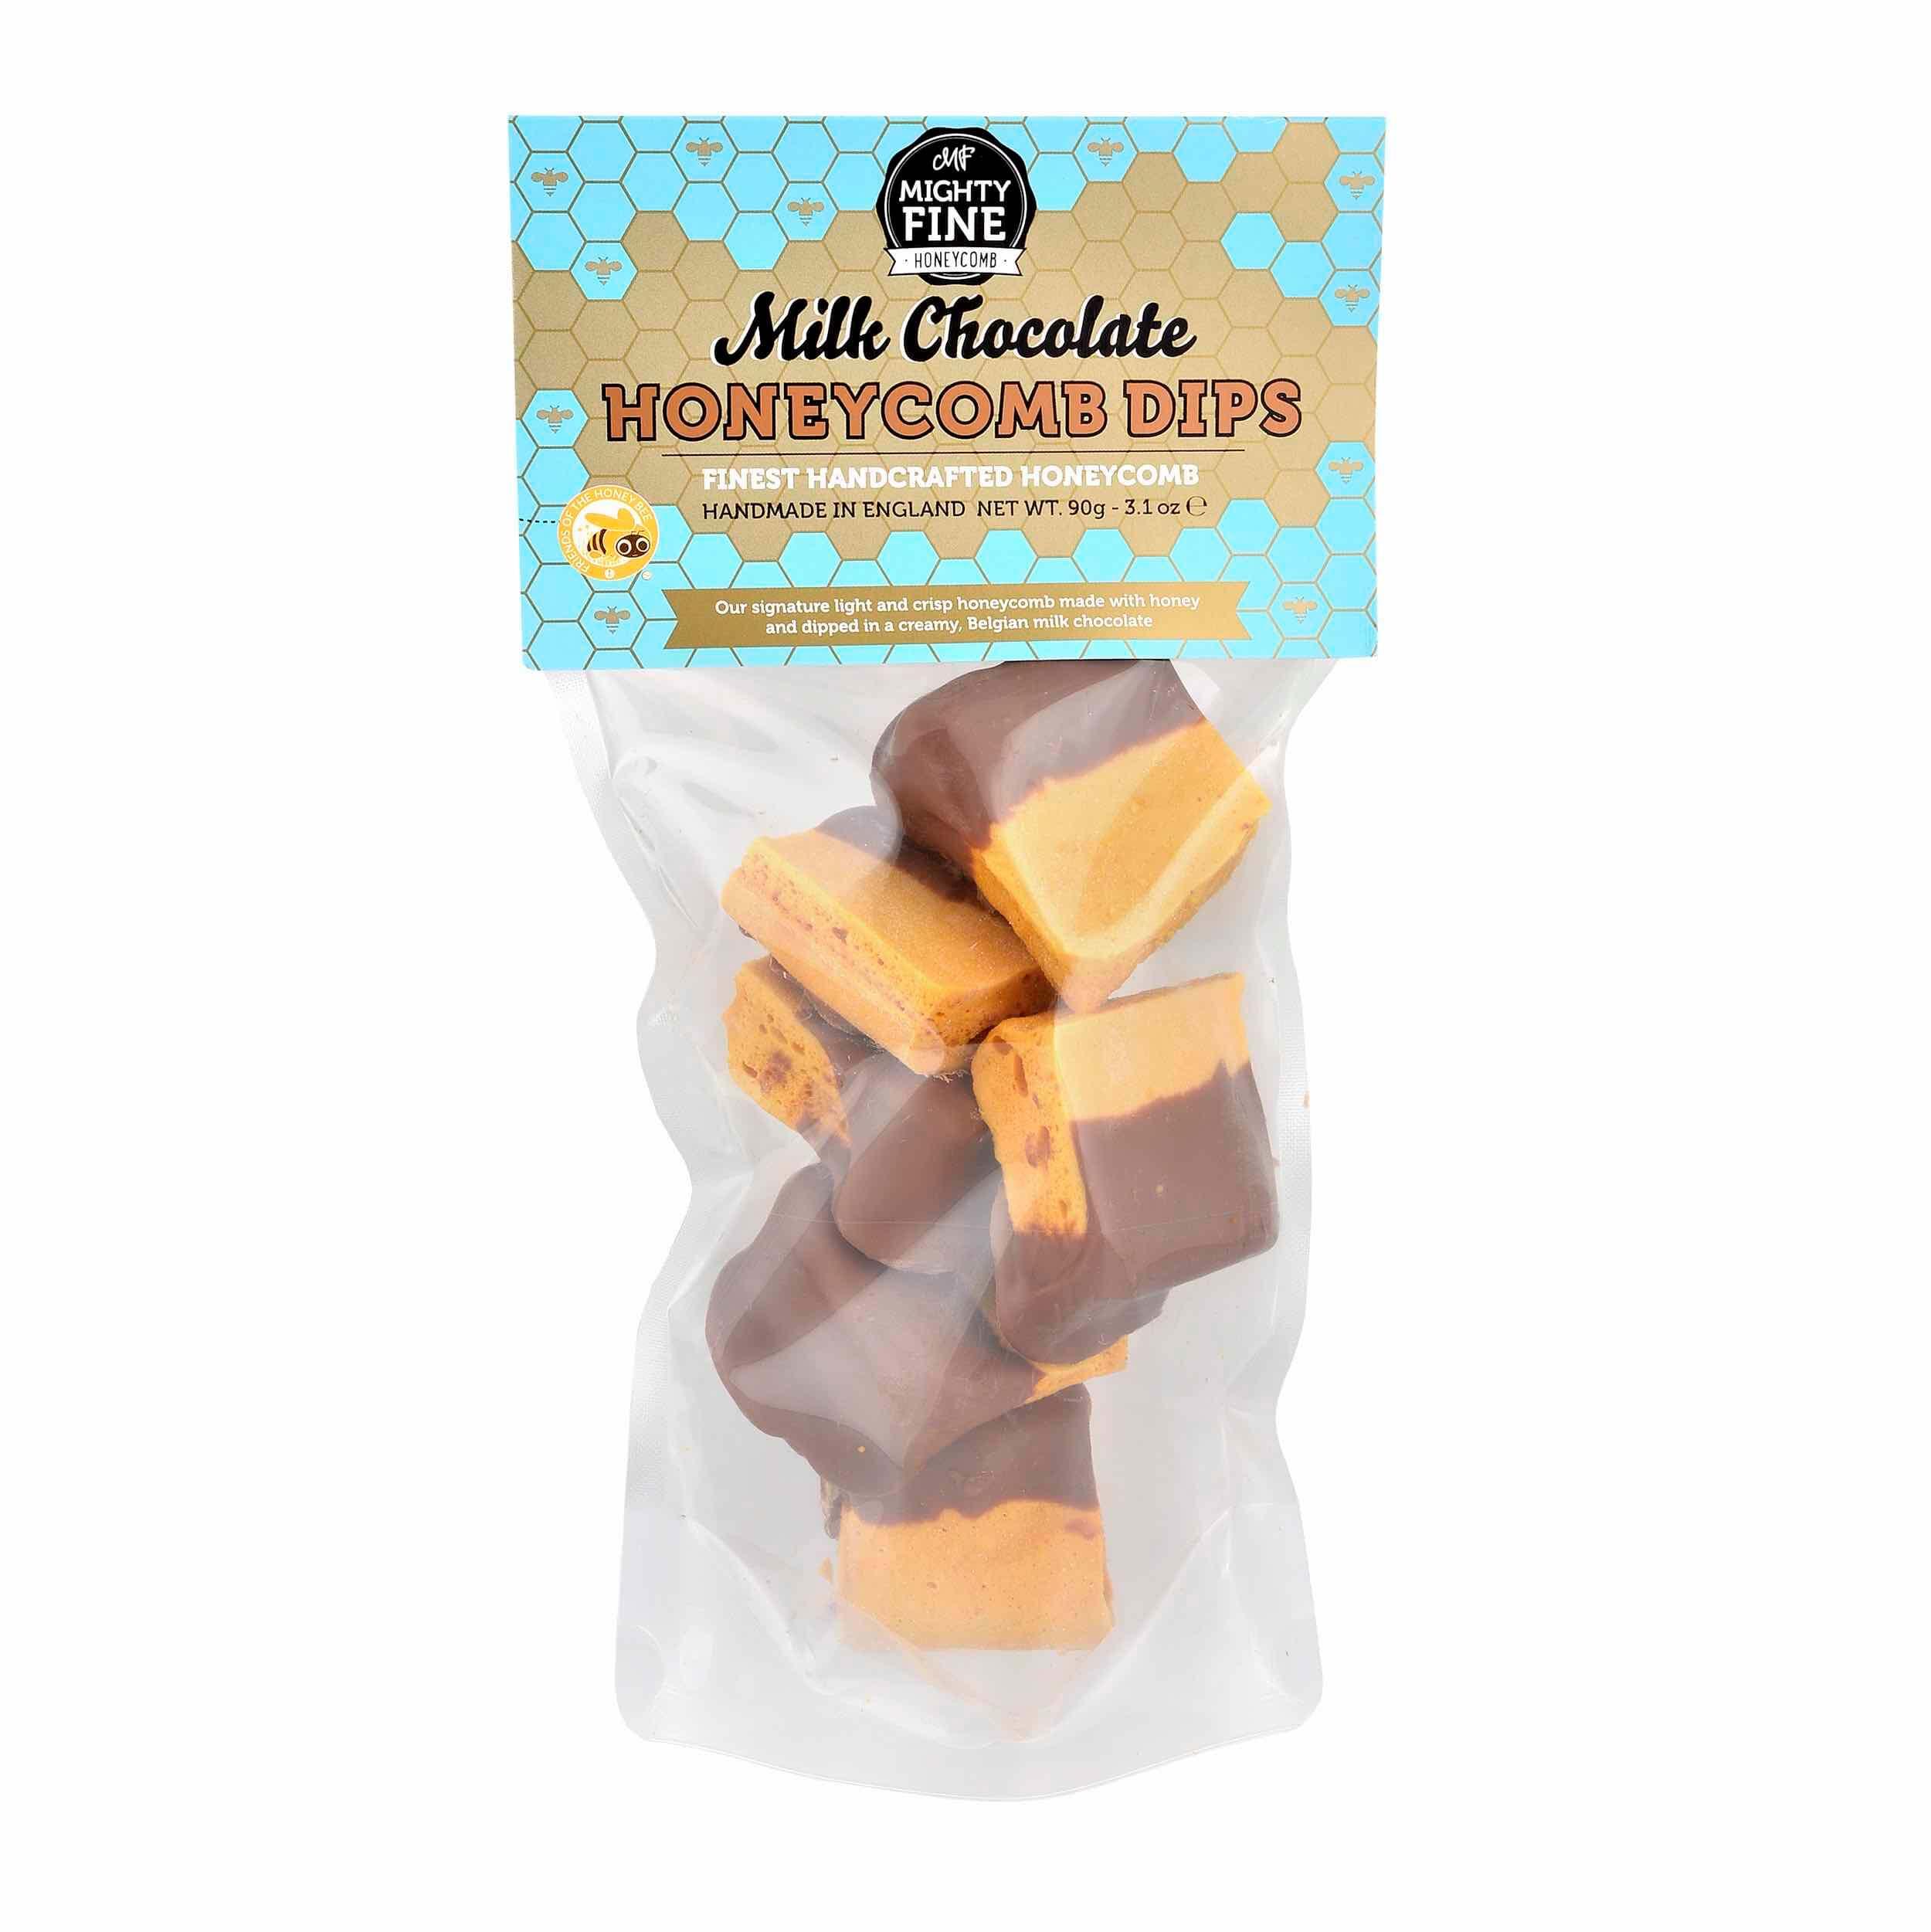 Honeycomb Dips 90g Milk Chocolate